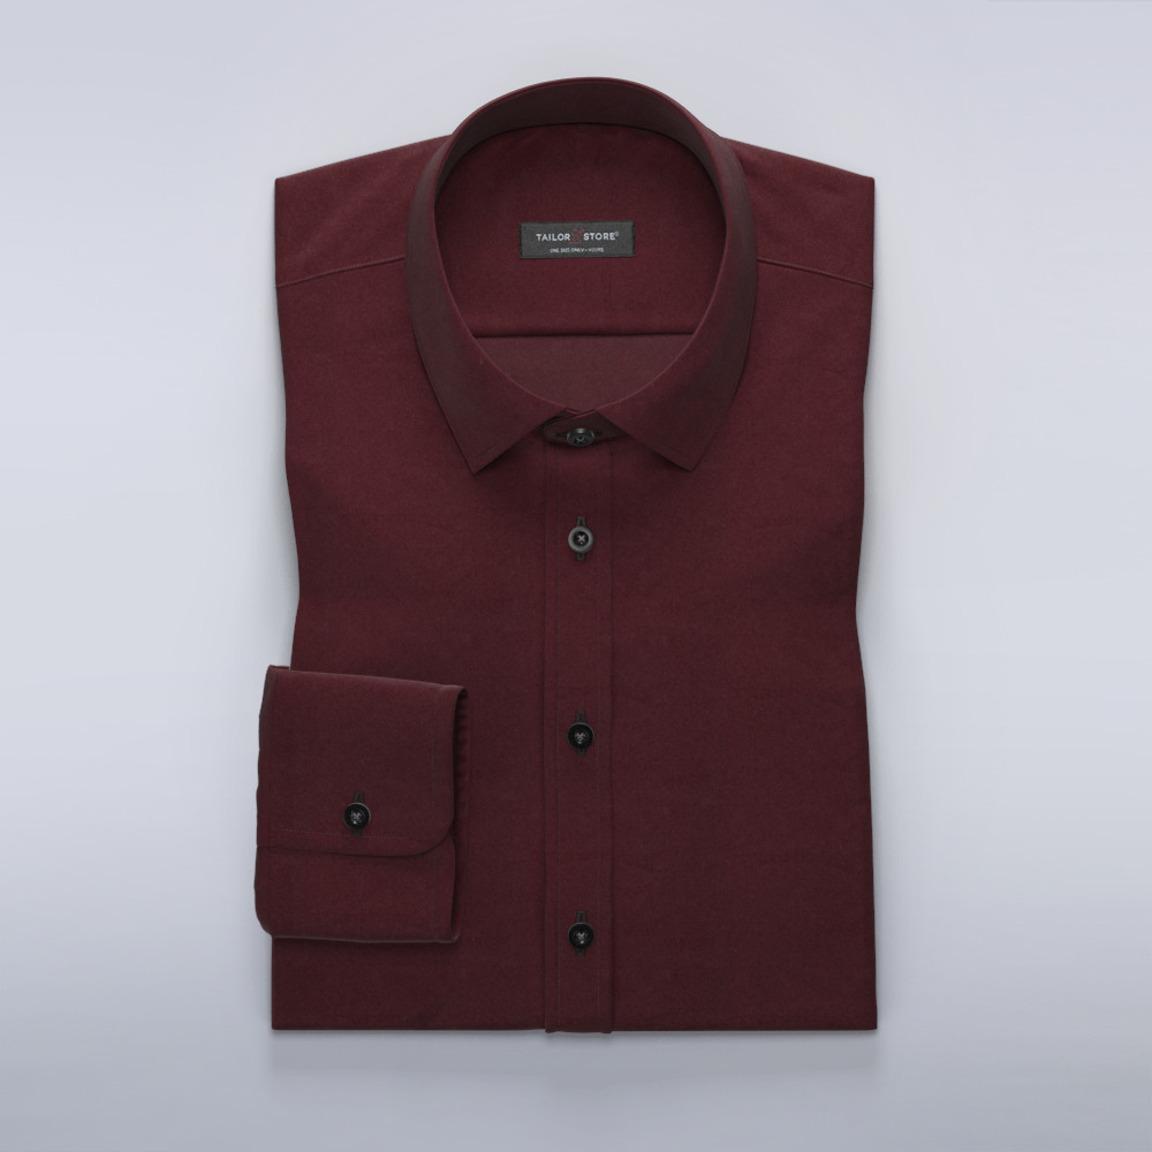 Vinröd skjorta i bomullssatin